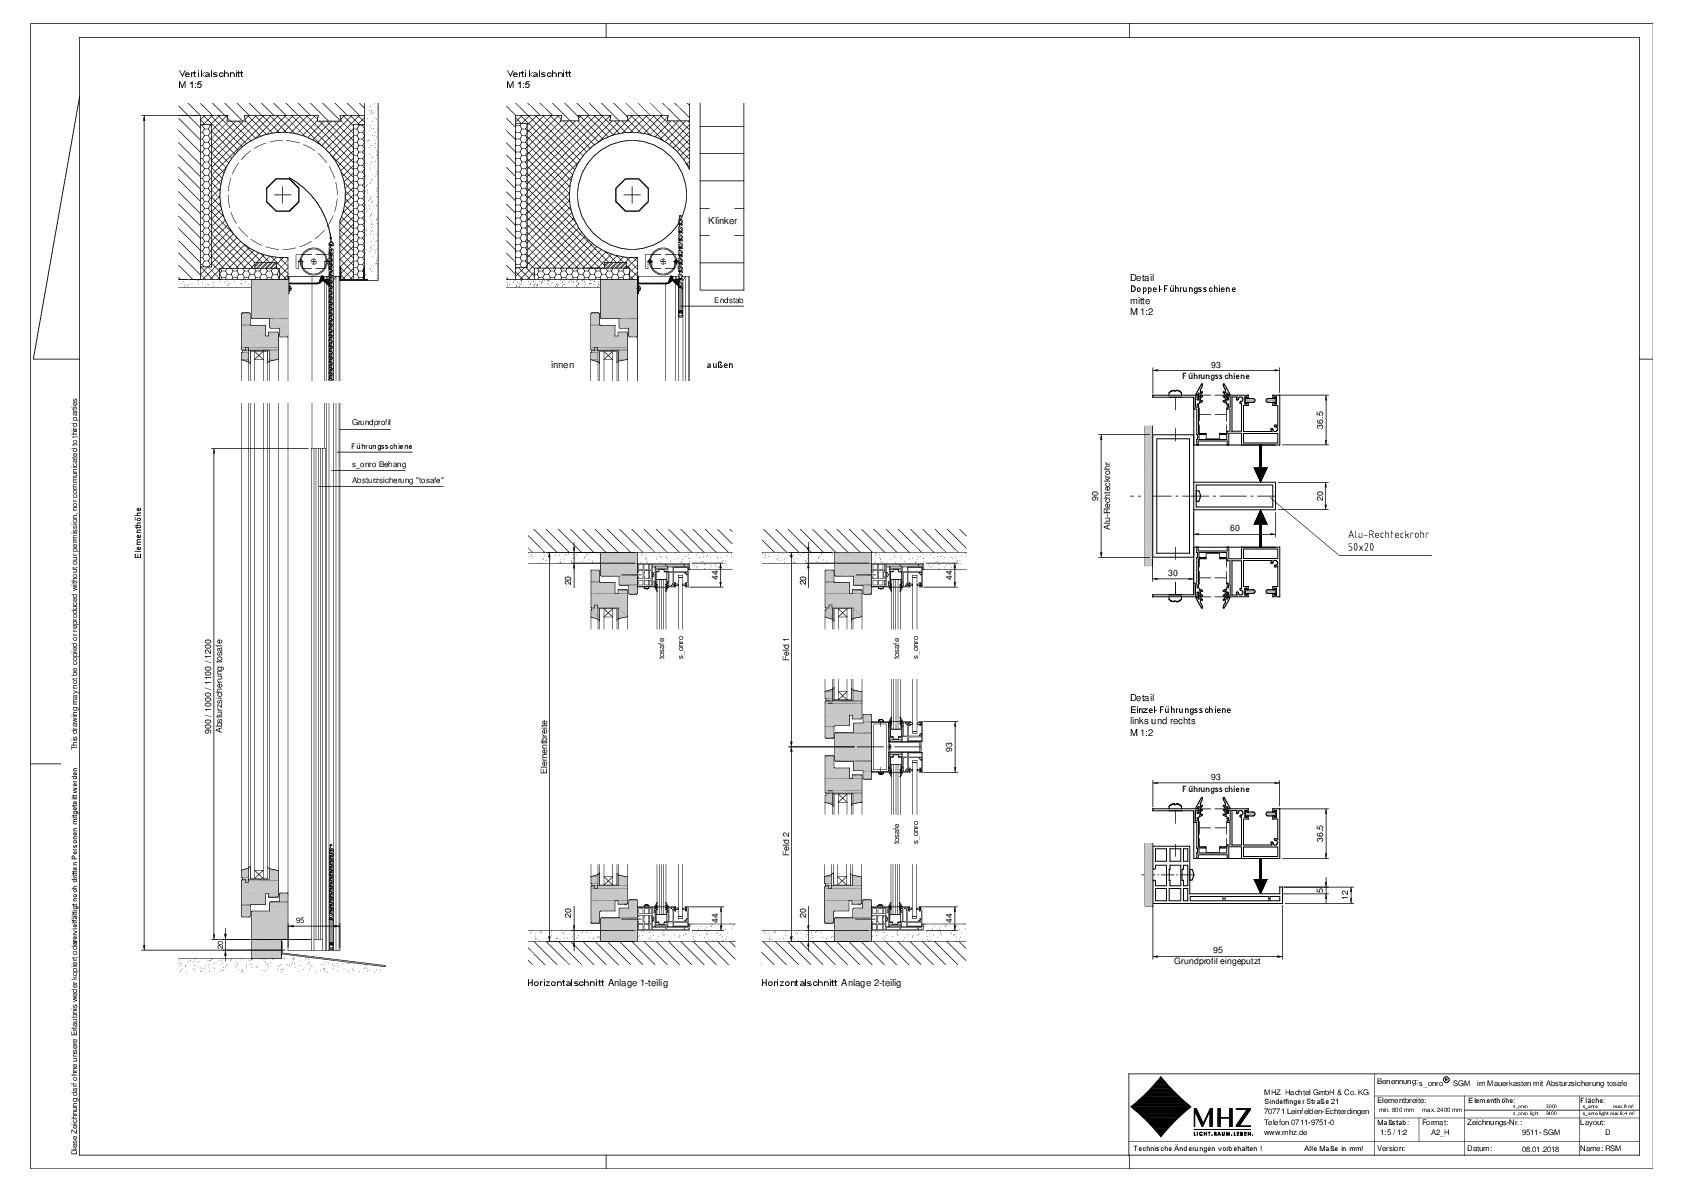 Technische Zeichnung pdf Metallbehang s_onro Aufsatz SGM tosafe